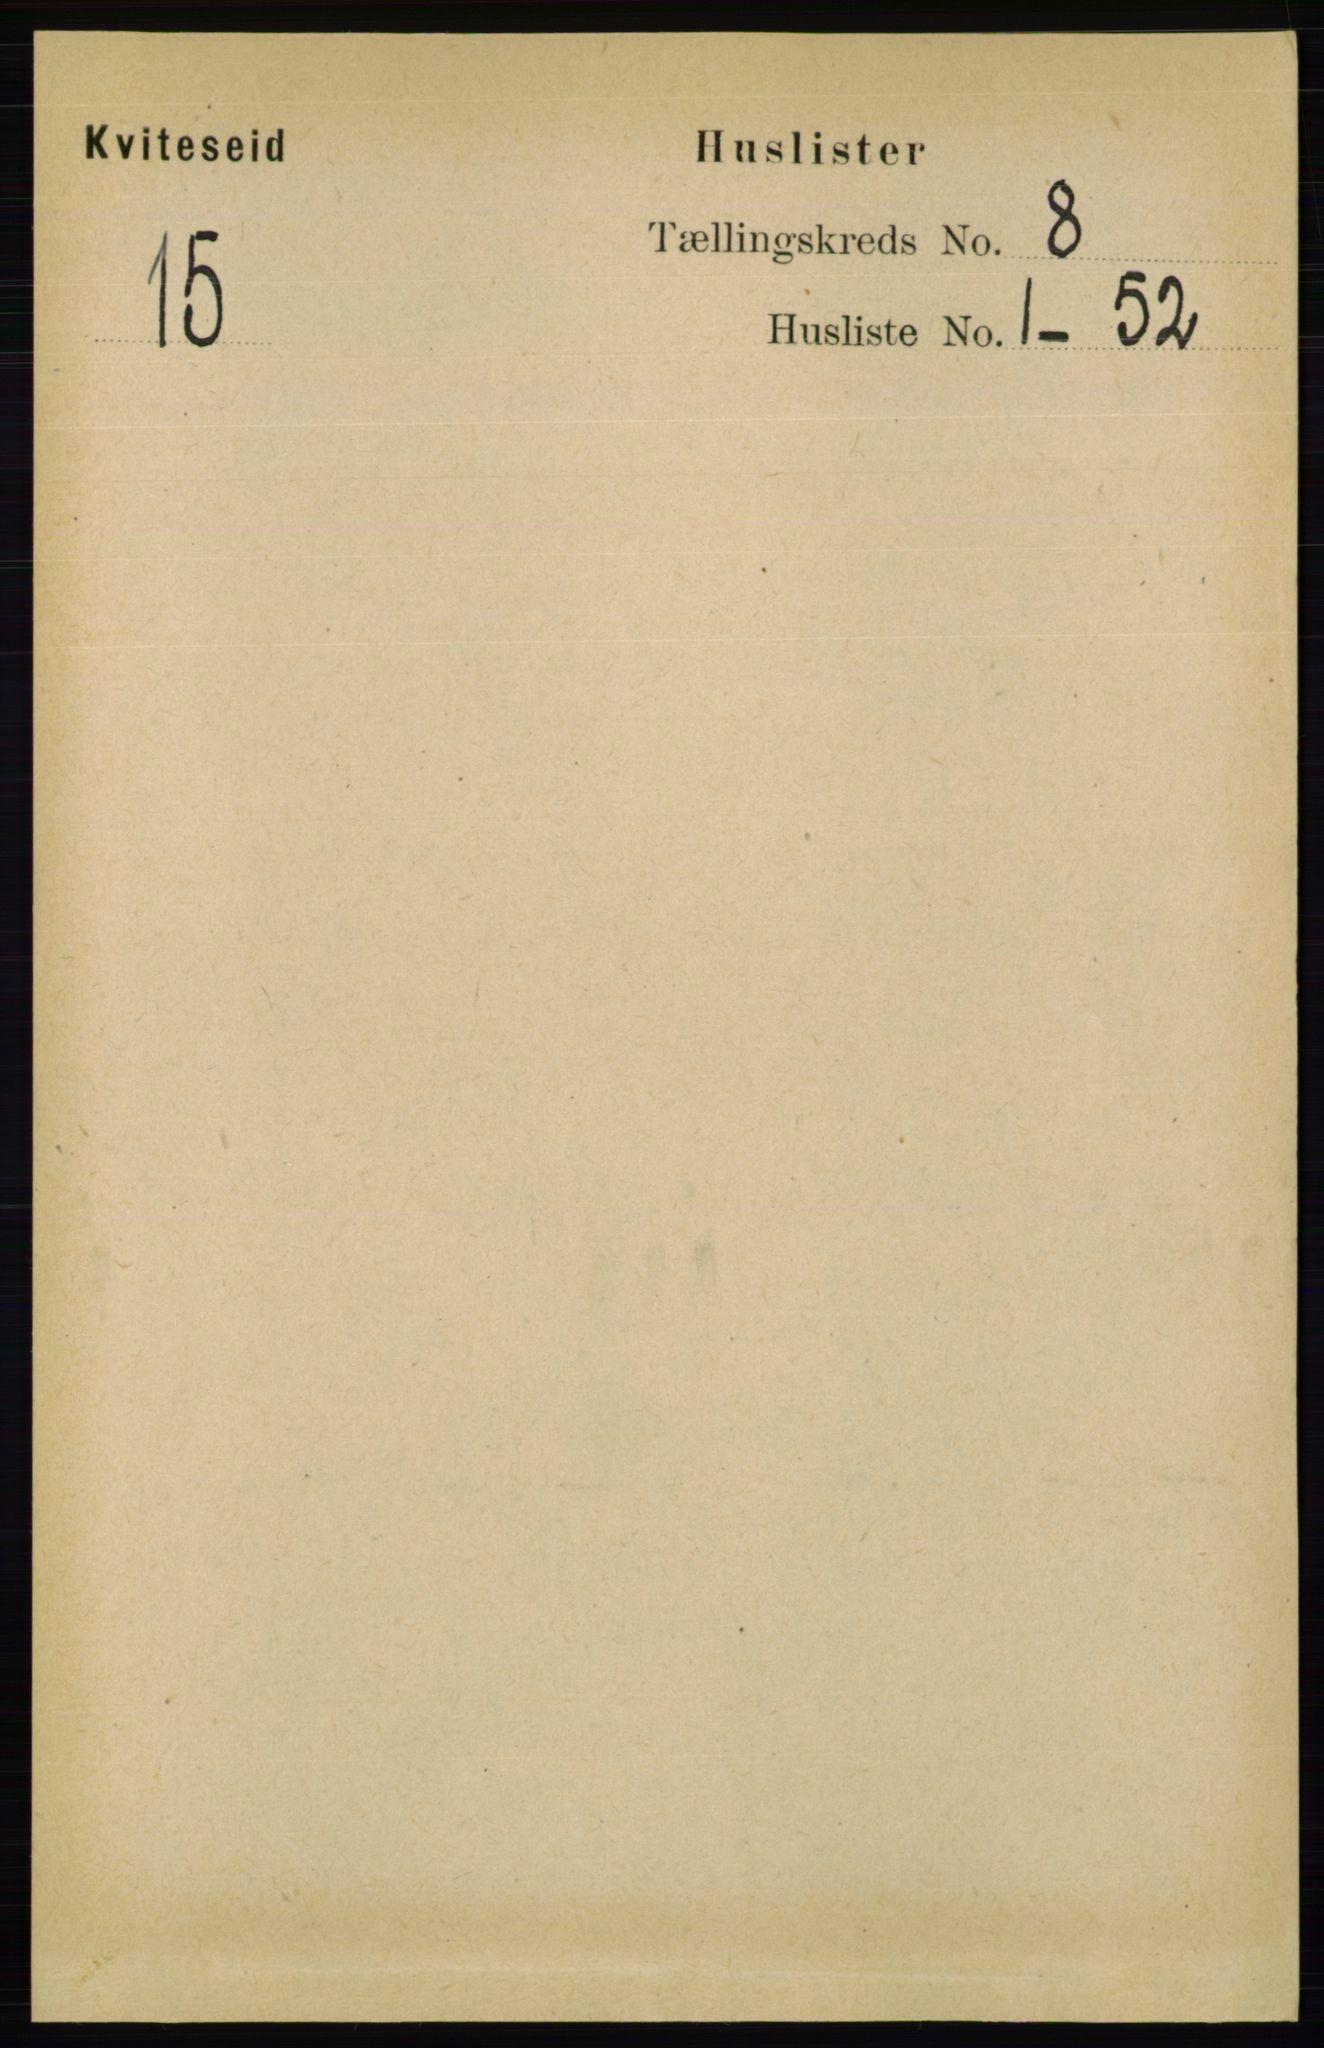 RA, Folketelling 1891 for 0829 Kviteseid herred, 1891, s. 1548